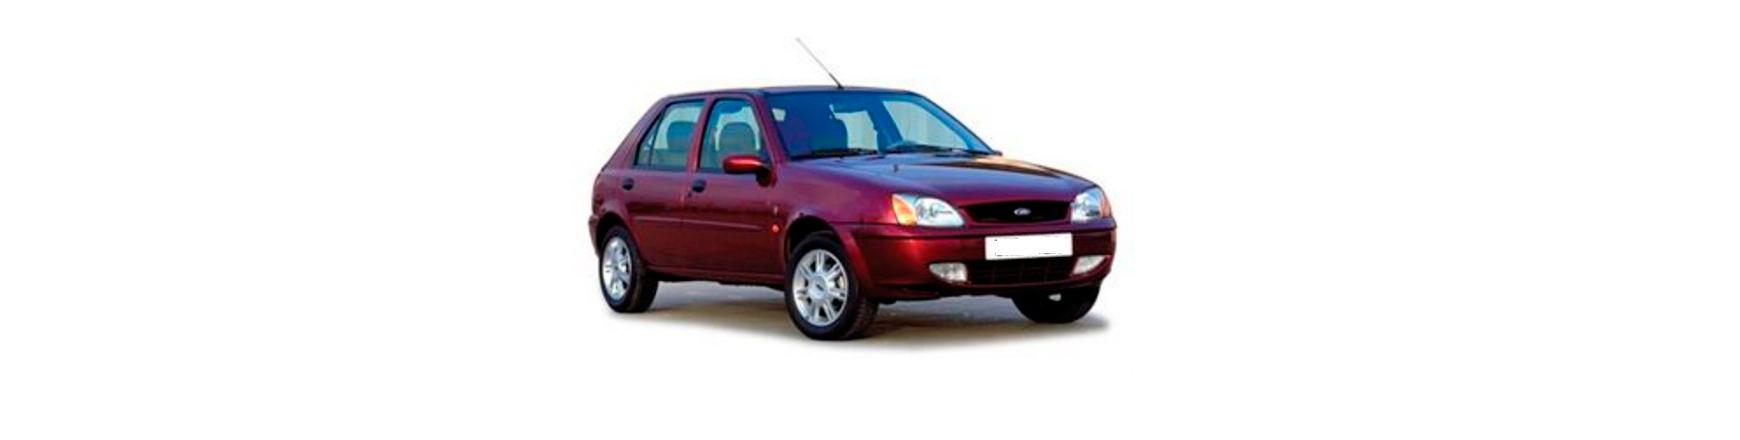 Recambios de Ford Fiesta de 1999, 2000, 2001